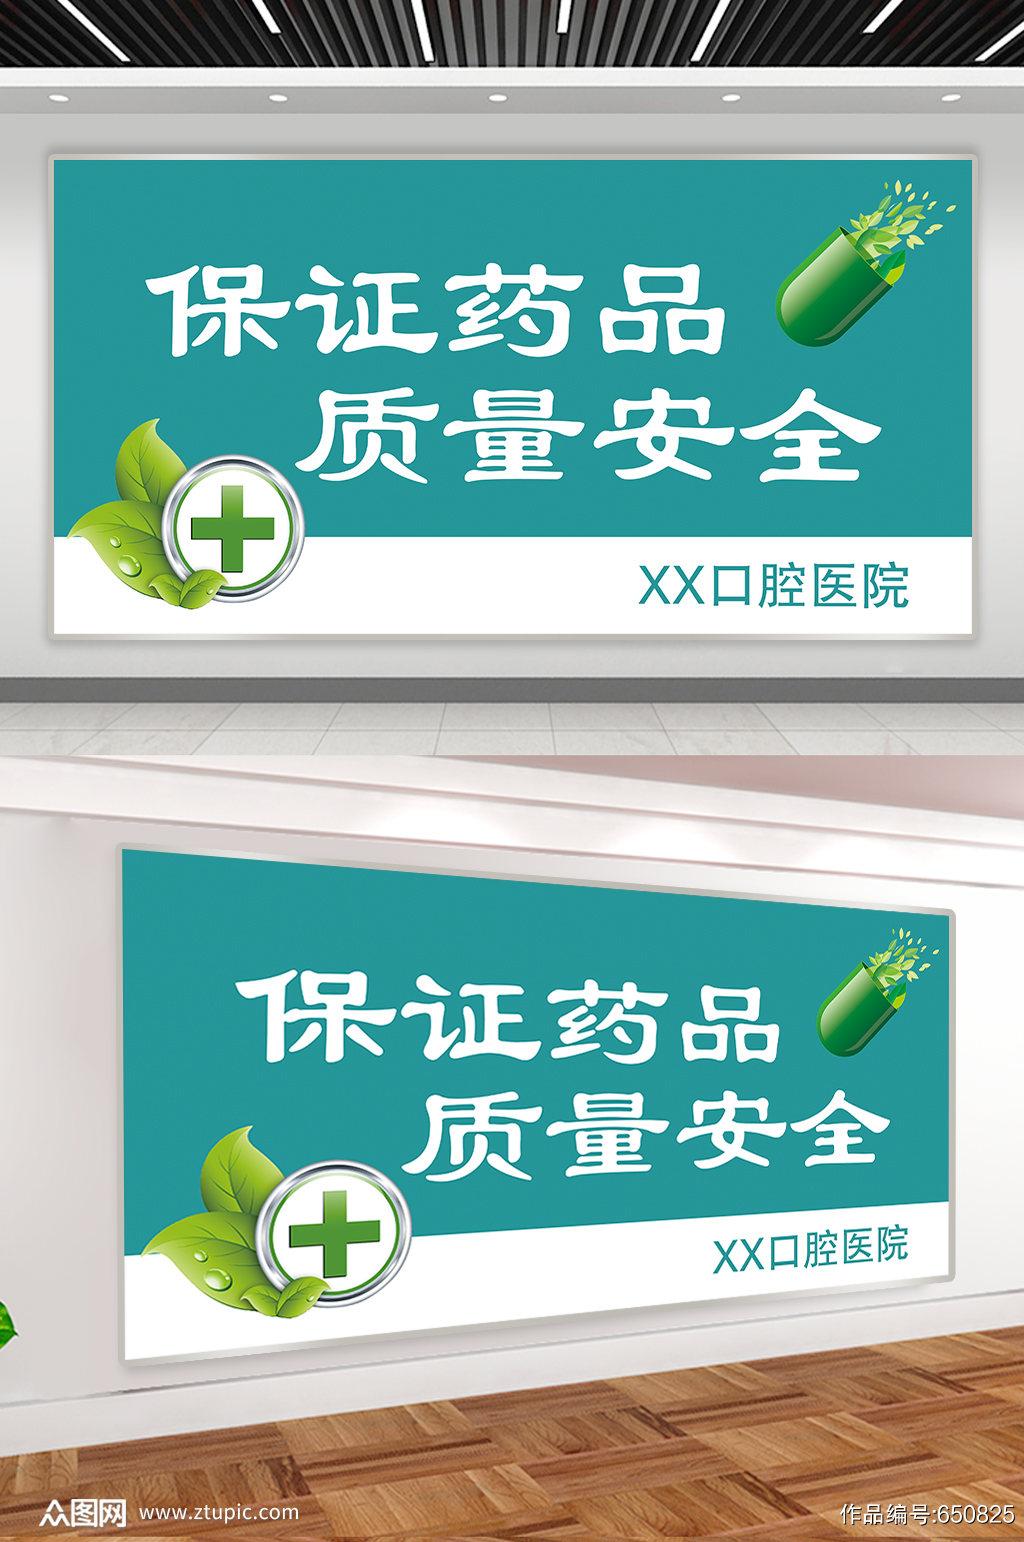 合理用药 药品安全宣传展板素材